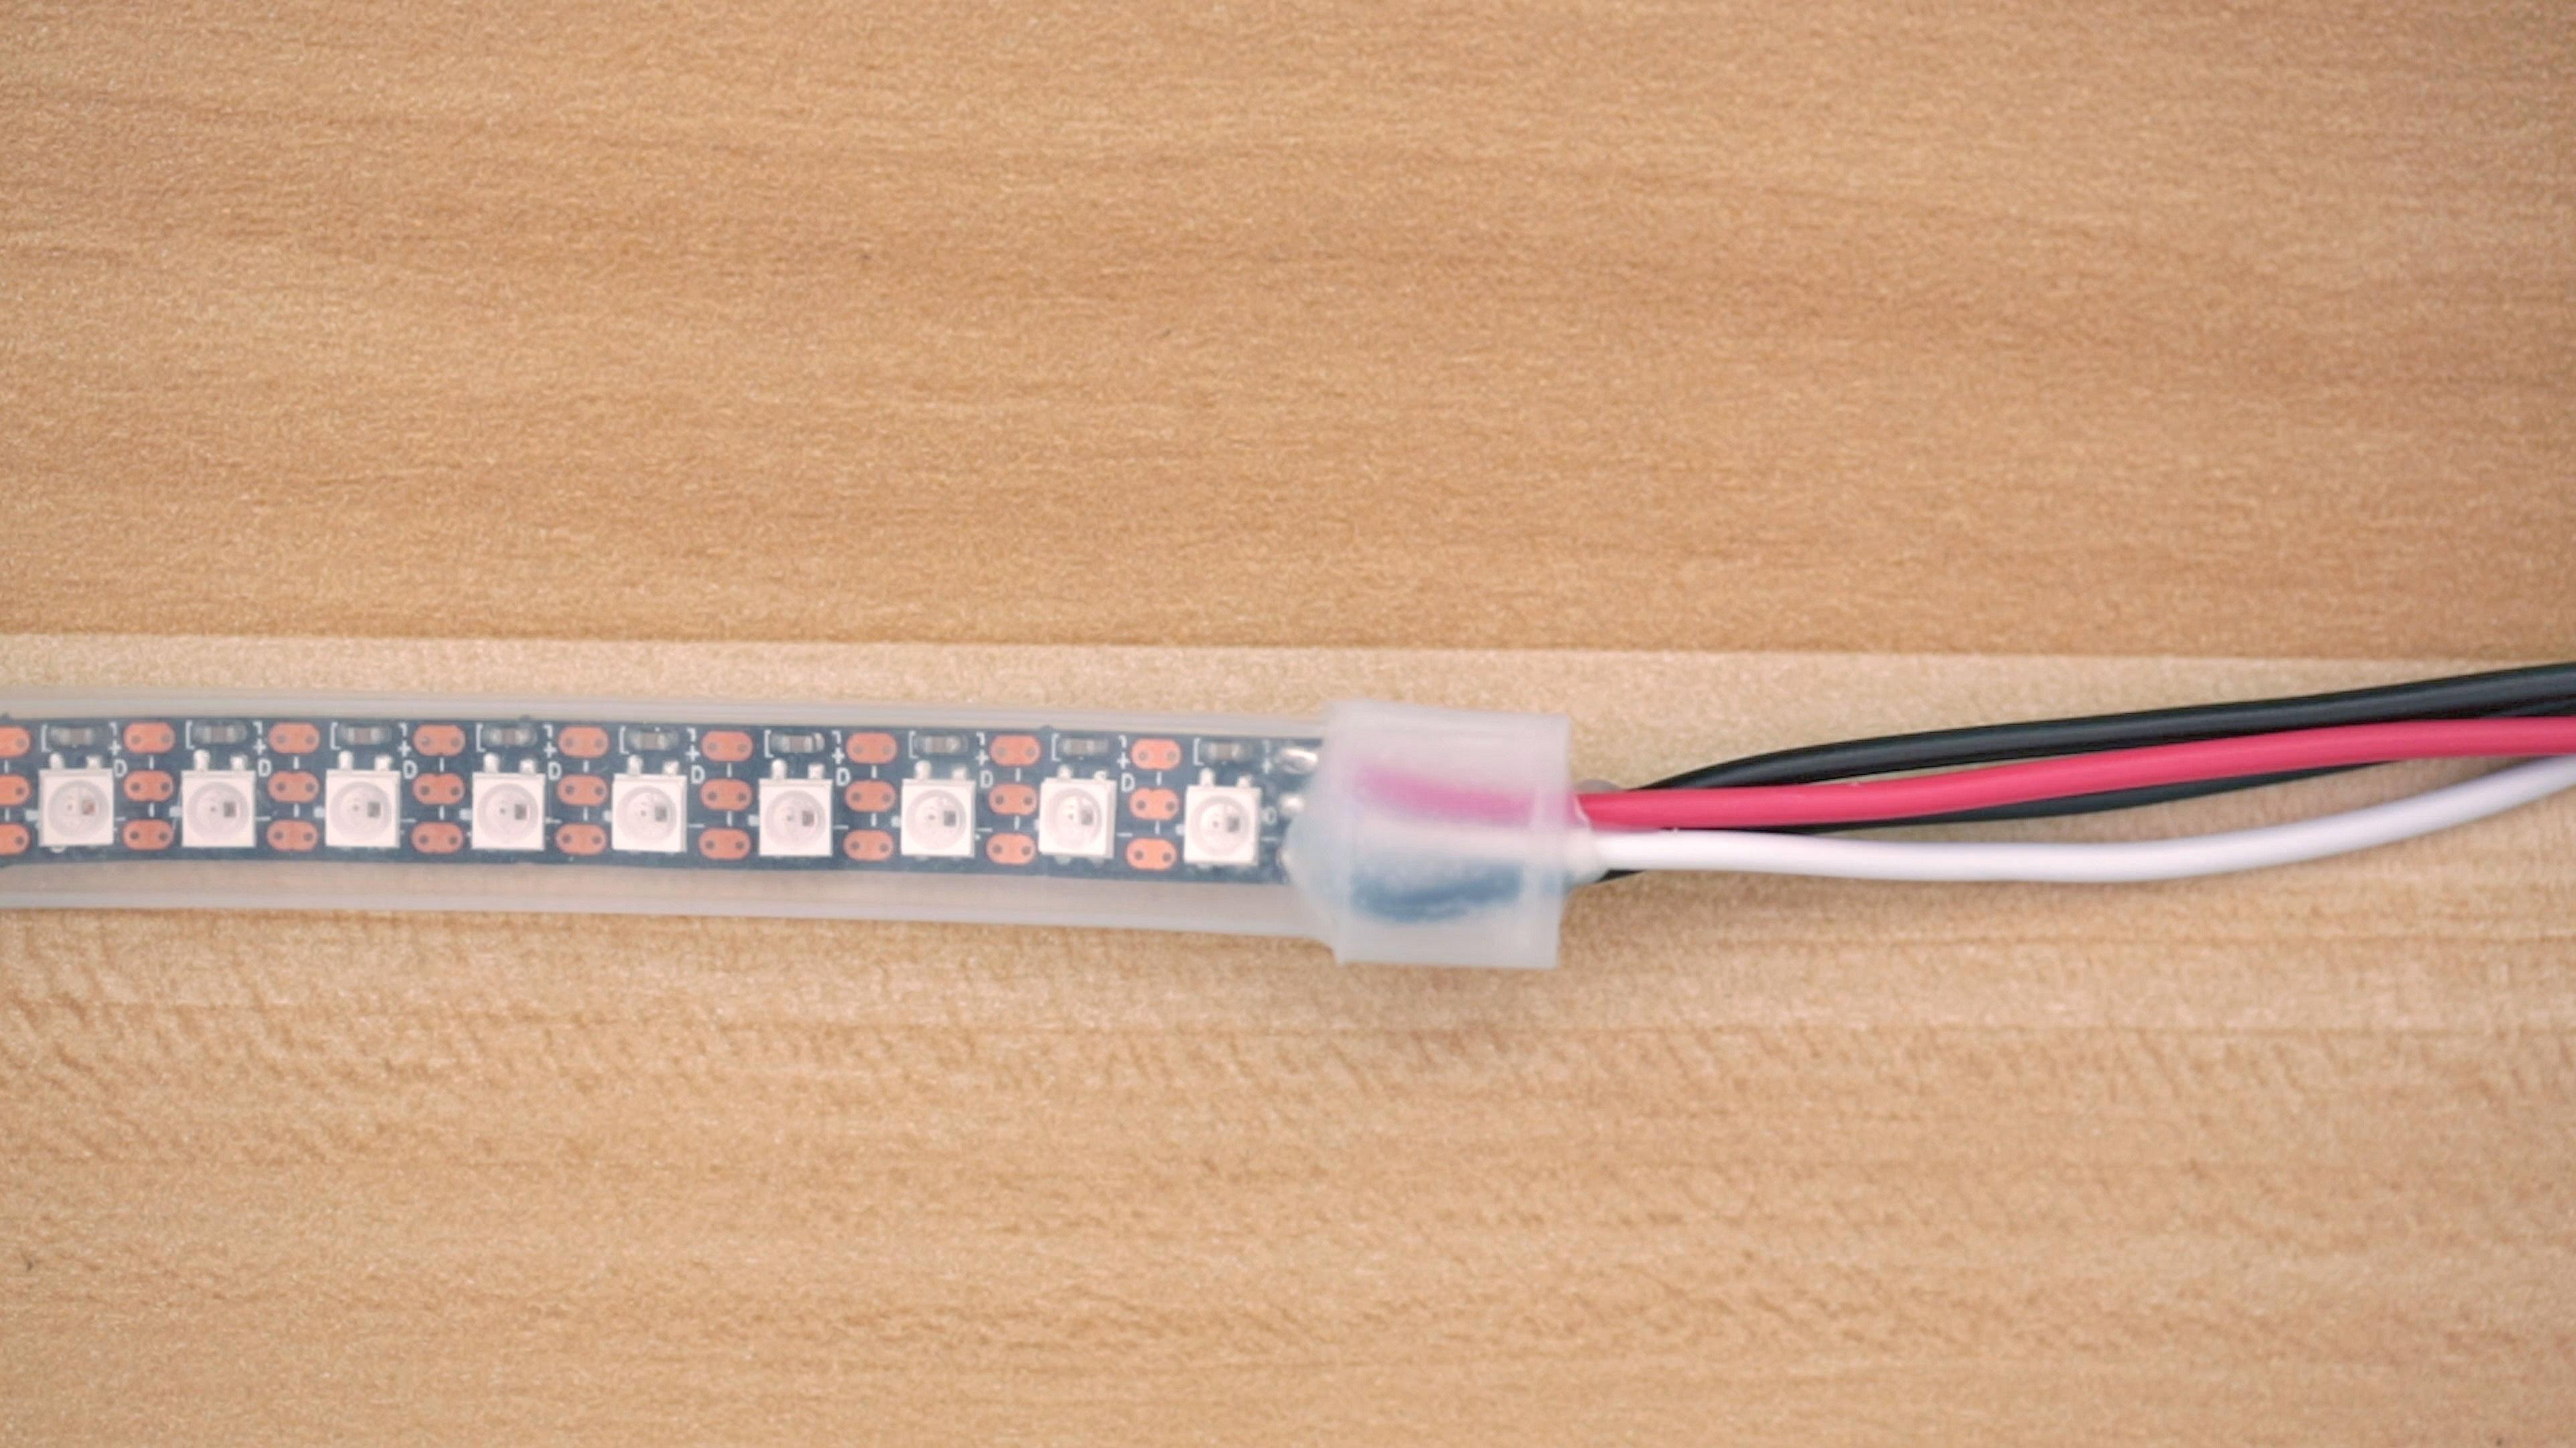 leds_strip-front.jpg